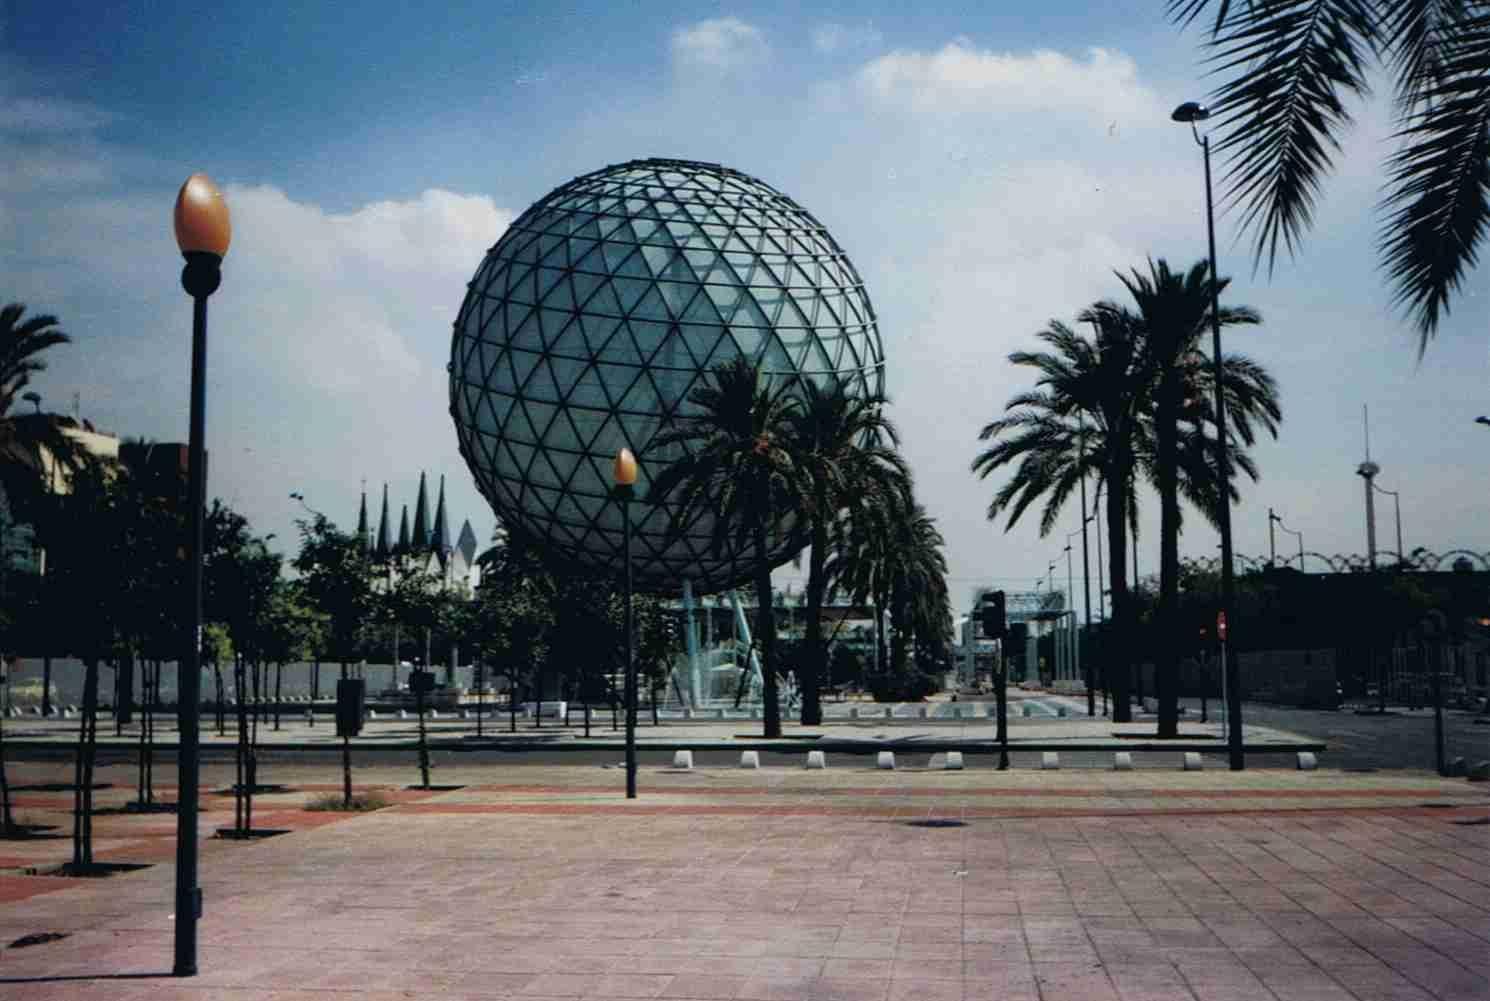 ¿En qué ciudad española se efectuó en 1992 la exposición universal?